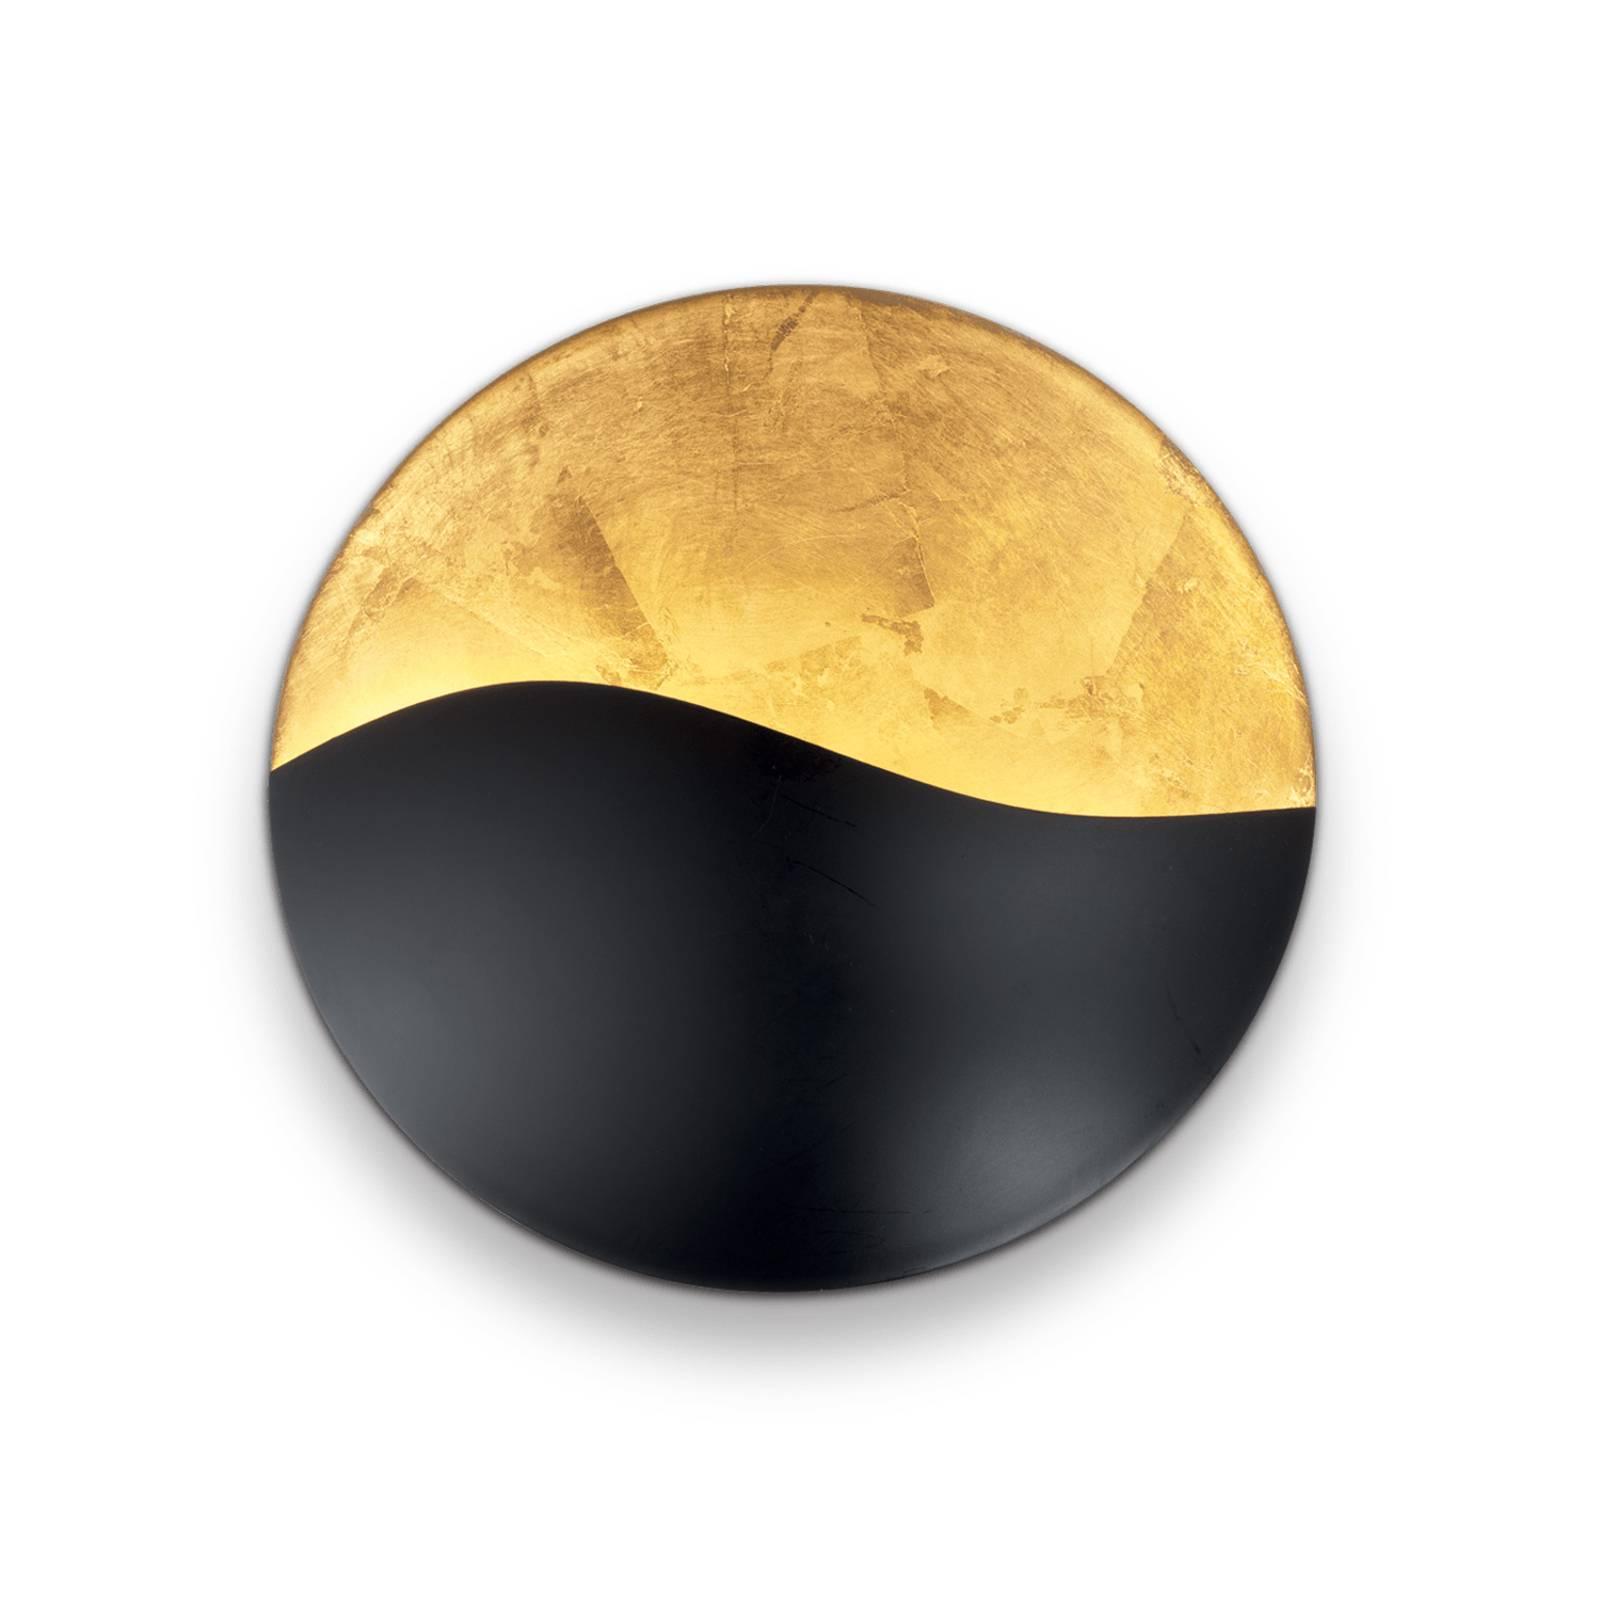 Wandleuchte Sunrise G9, schwarz / gold, Ø 27,5 cm günstig online kaufen